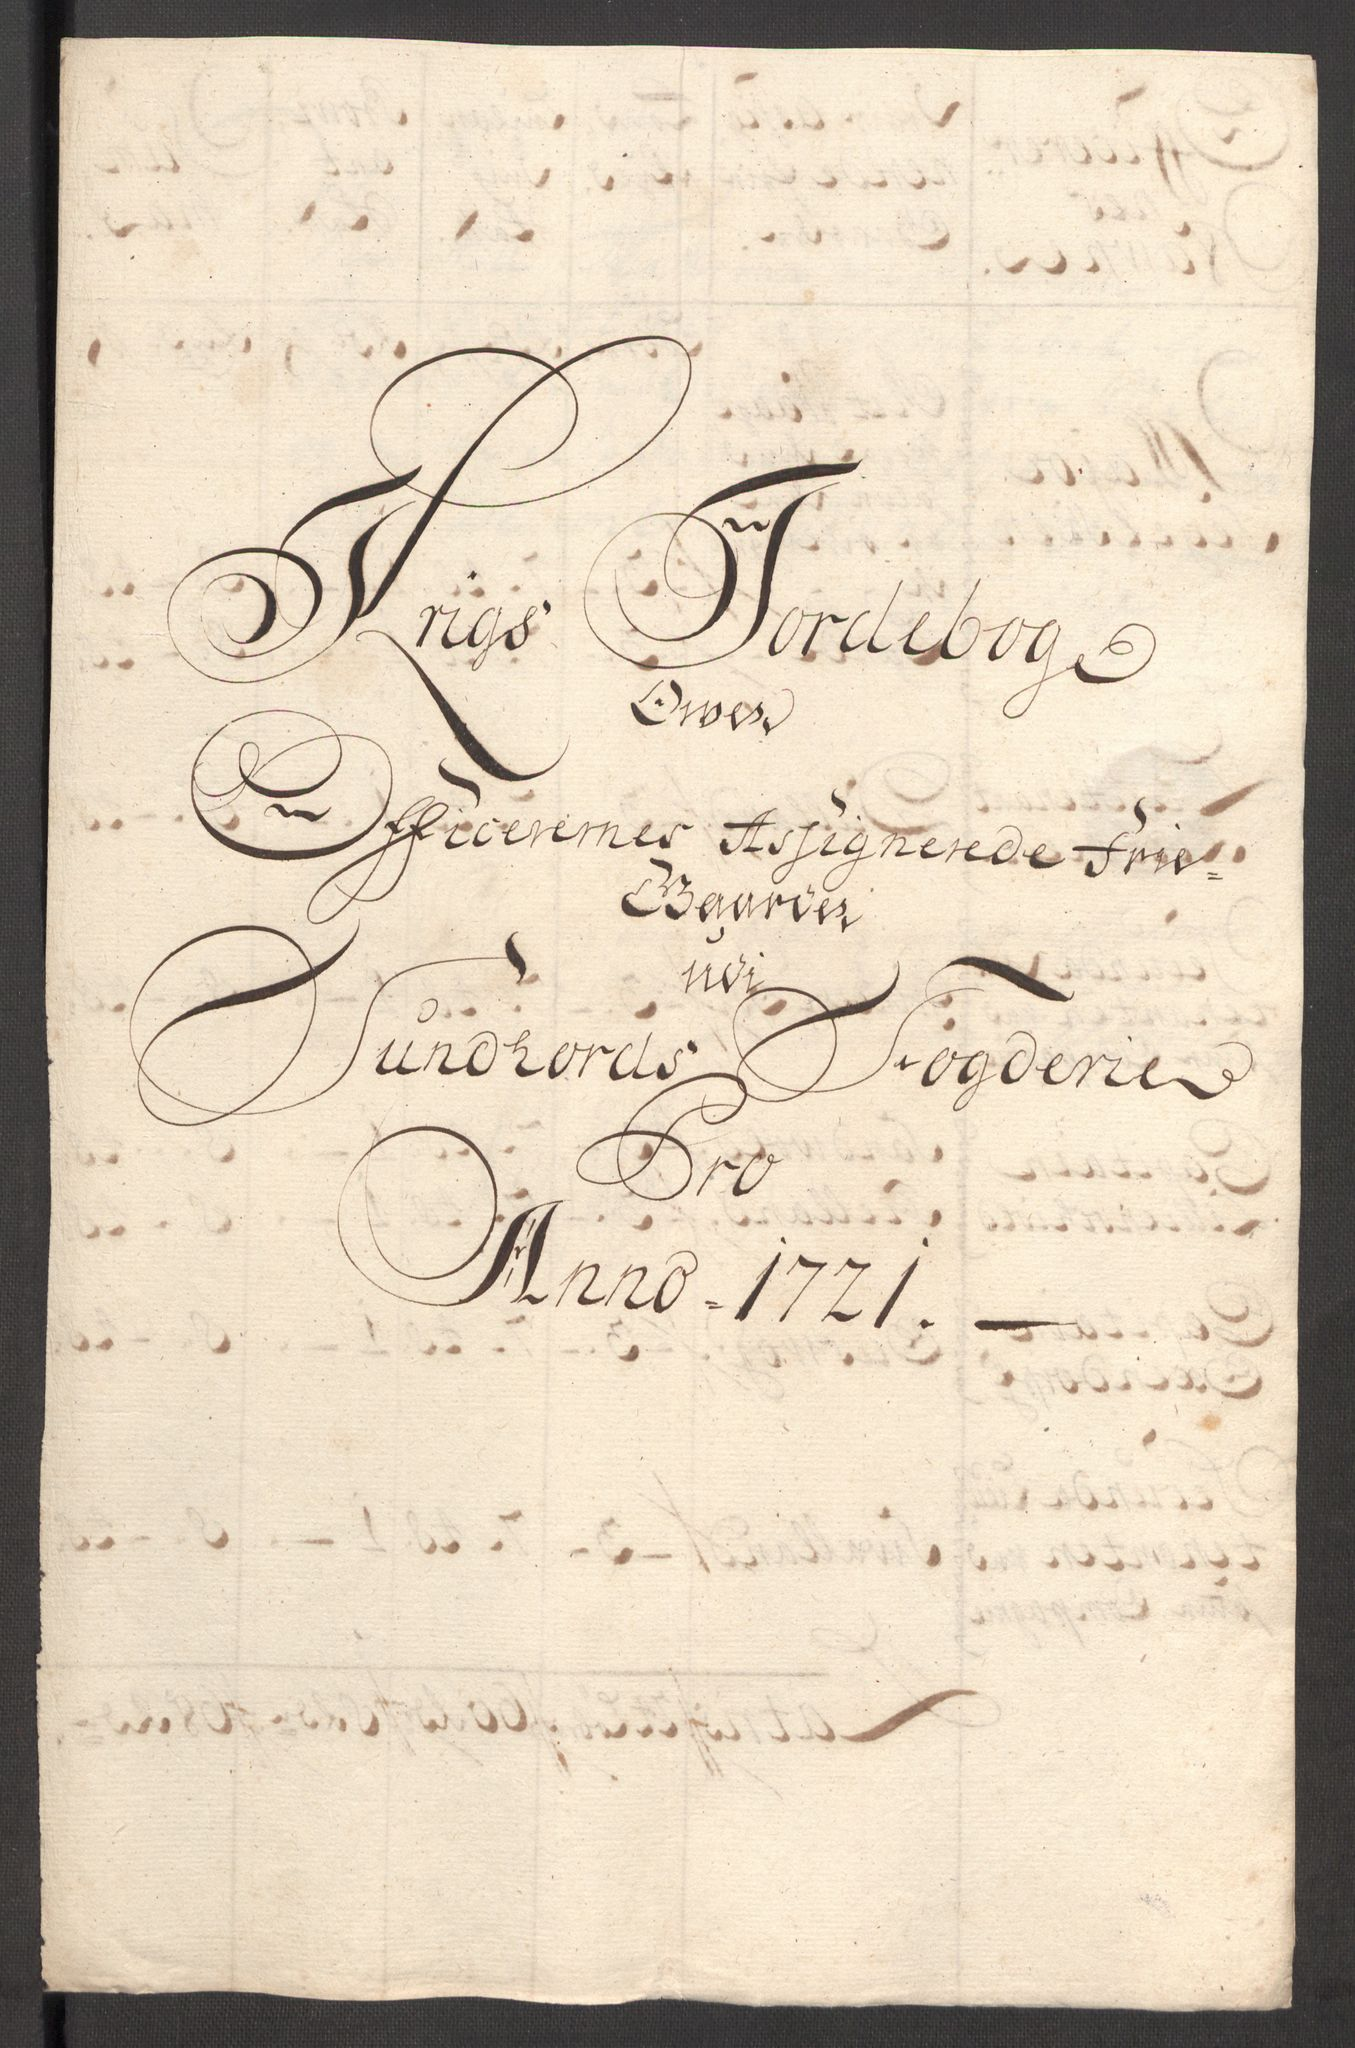 RA, Rentekammeret inntil 1814, Reviderte regnskaper, Fogderegnskap, R48/L3000: Fogderegnskap Sunnhordland og Hardanger, 1721, s. 197